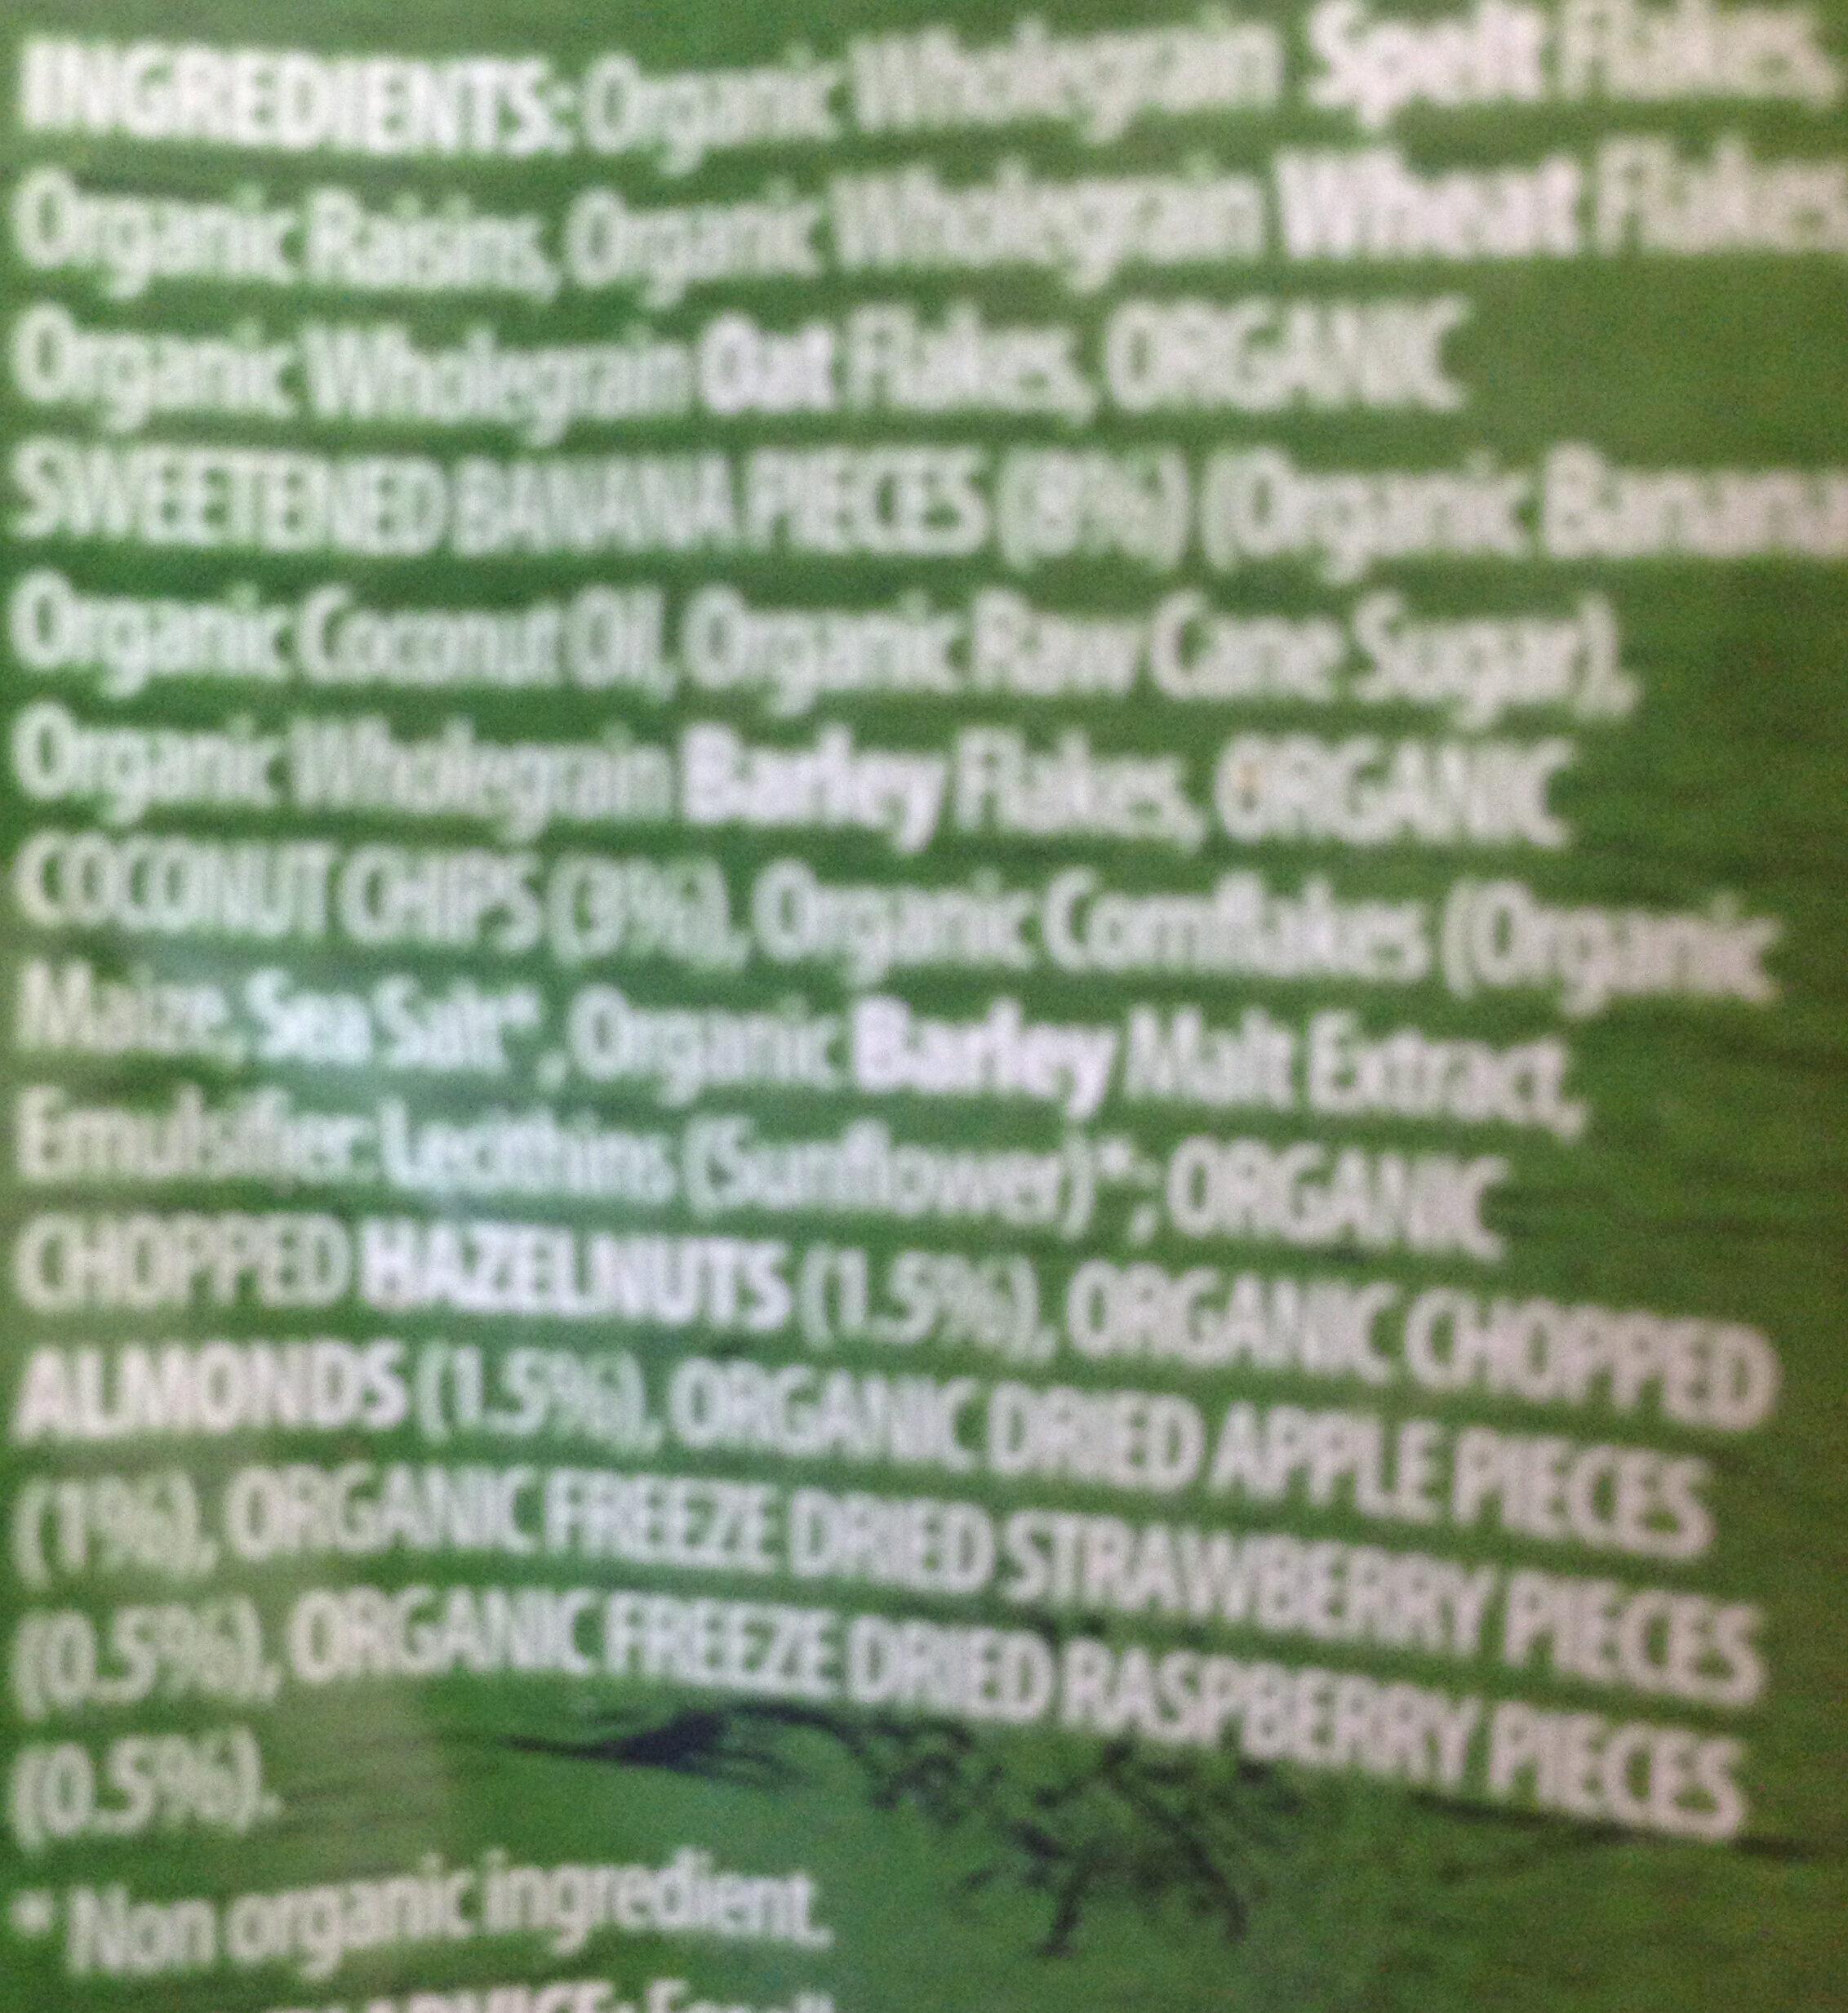 Muesli Fruit & Nut - Ingredients - en